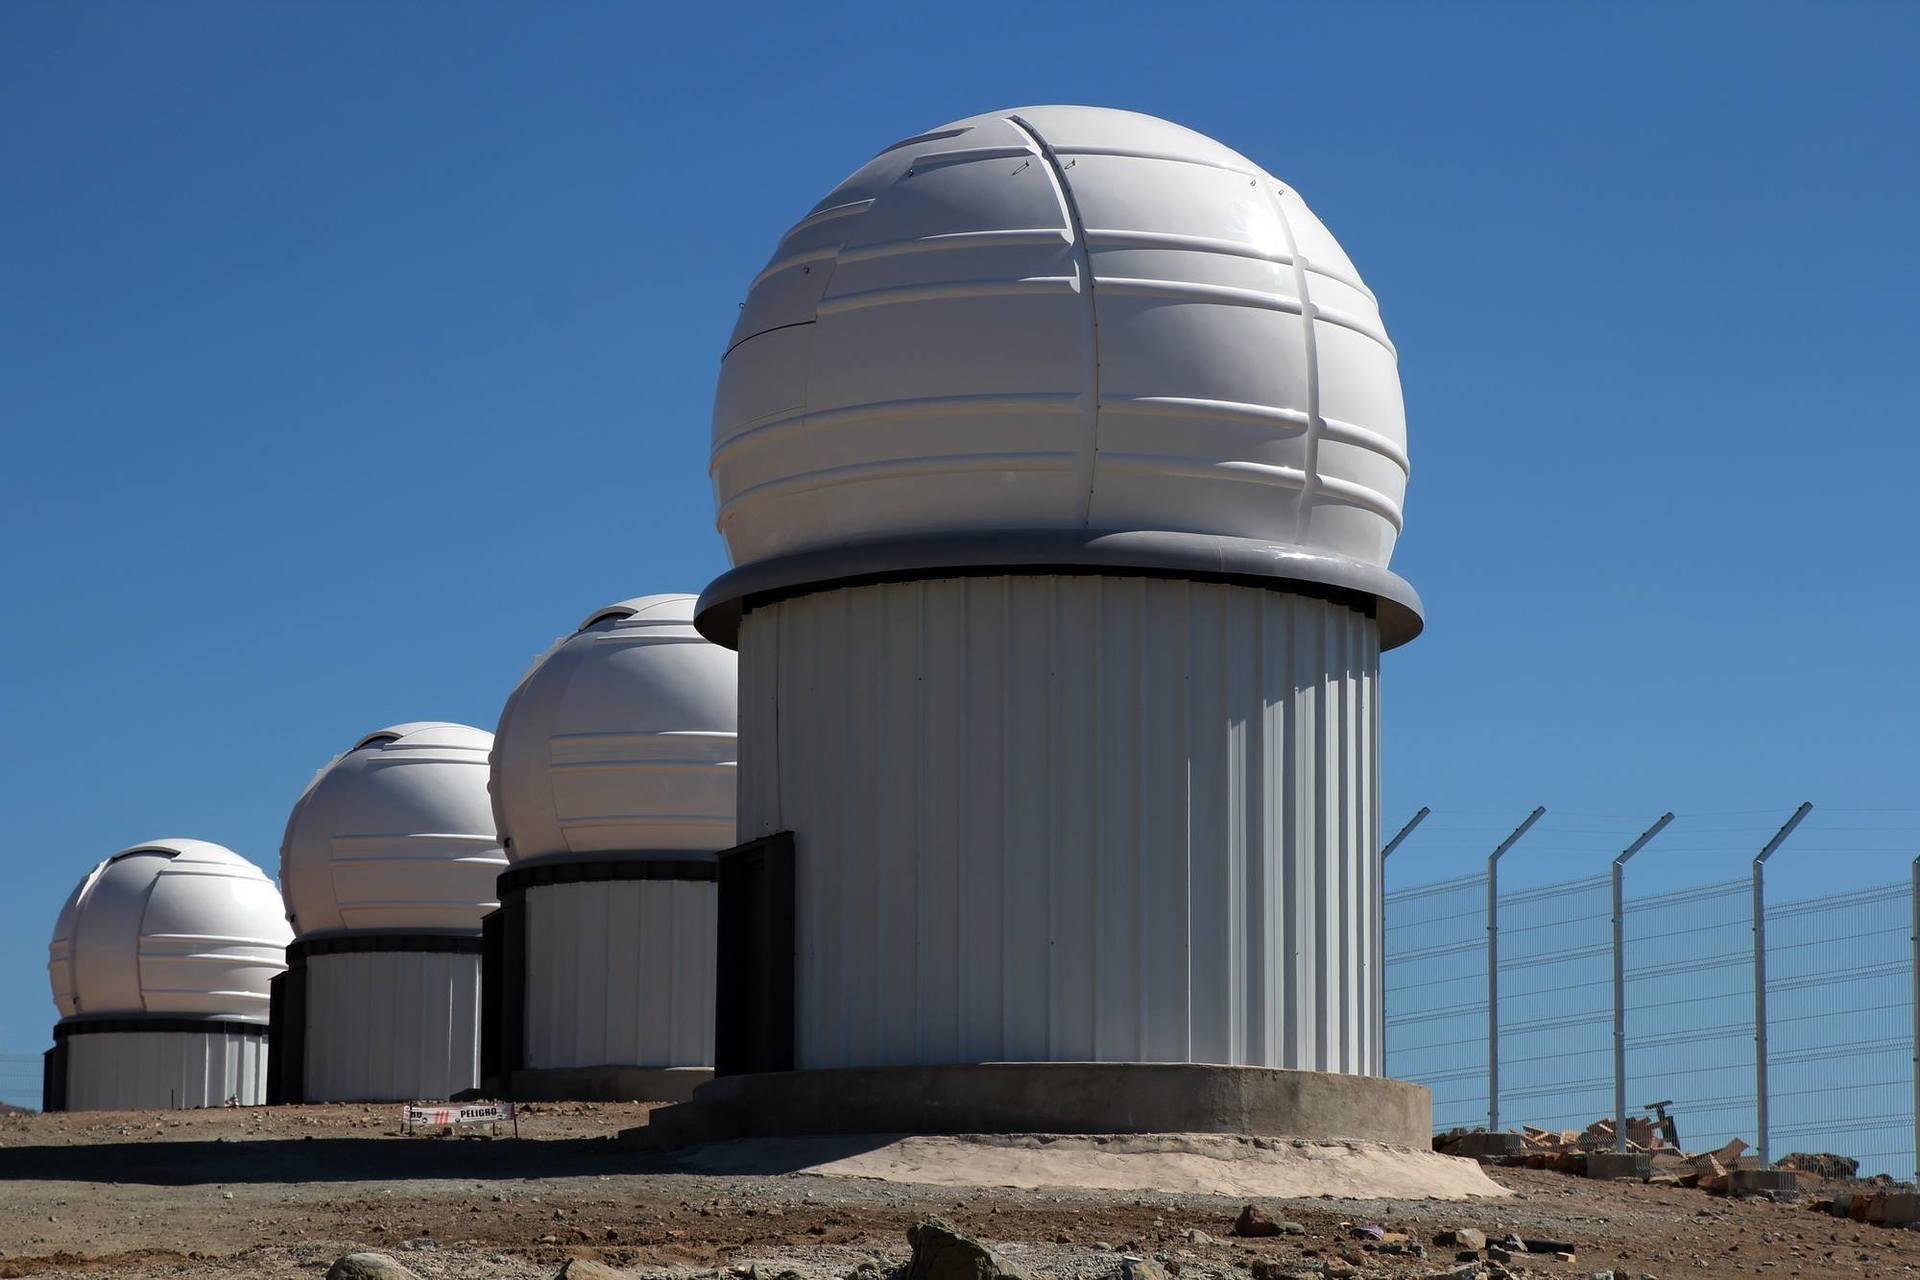 «Космонавты» в Чили: как мы делали всю ИТ-инфраструктуру для четырех телескопов в Андах - 5